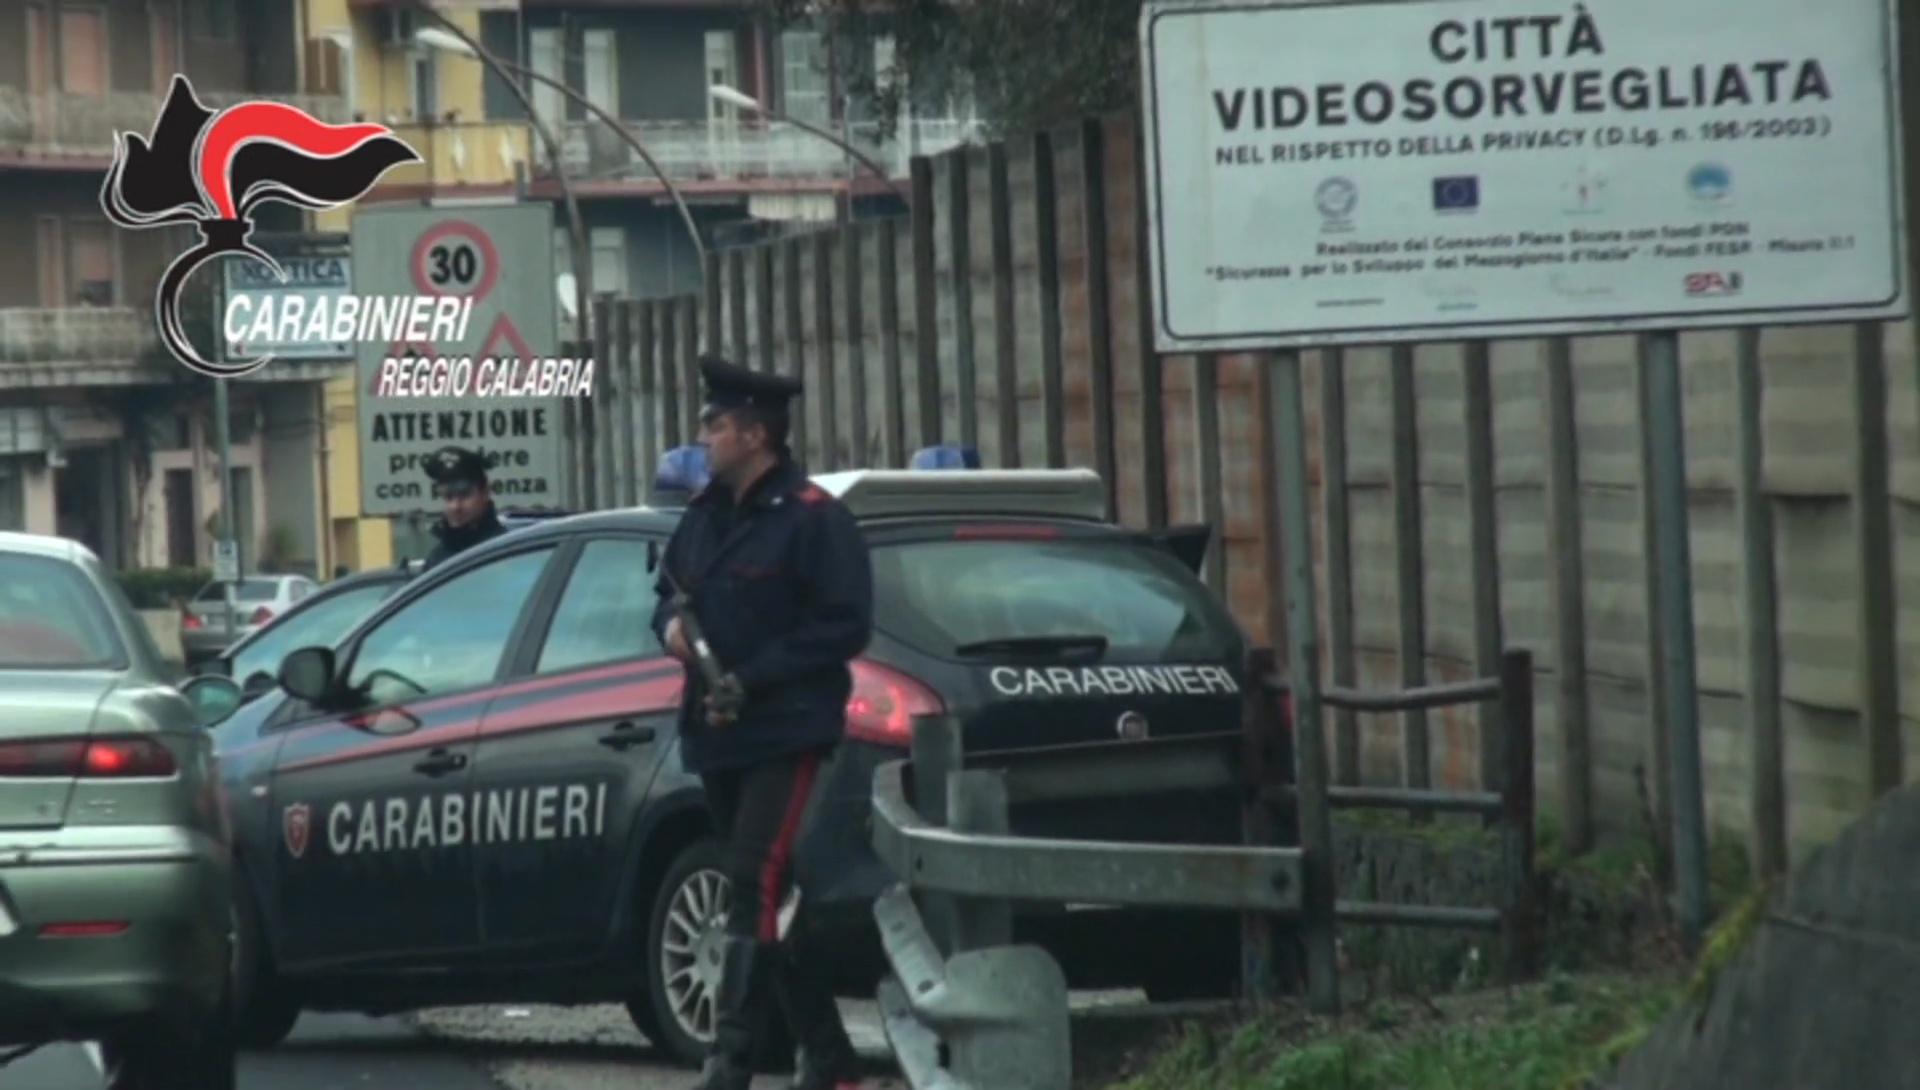 Sparatoria in pieno centro a Rosarno: è gialloIrreperibile l'uomo coinvolto nell'agguato, indagini